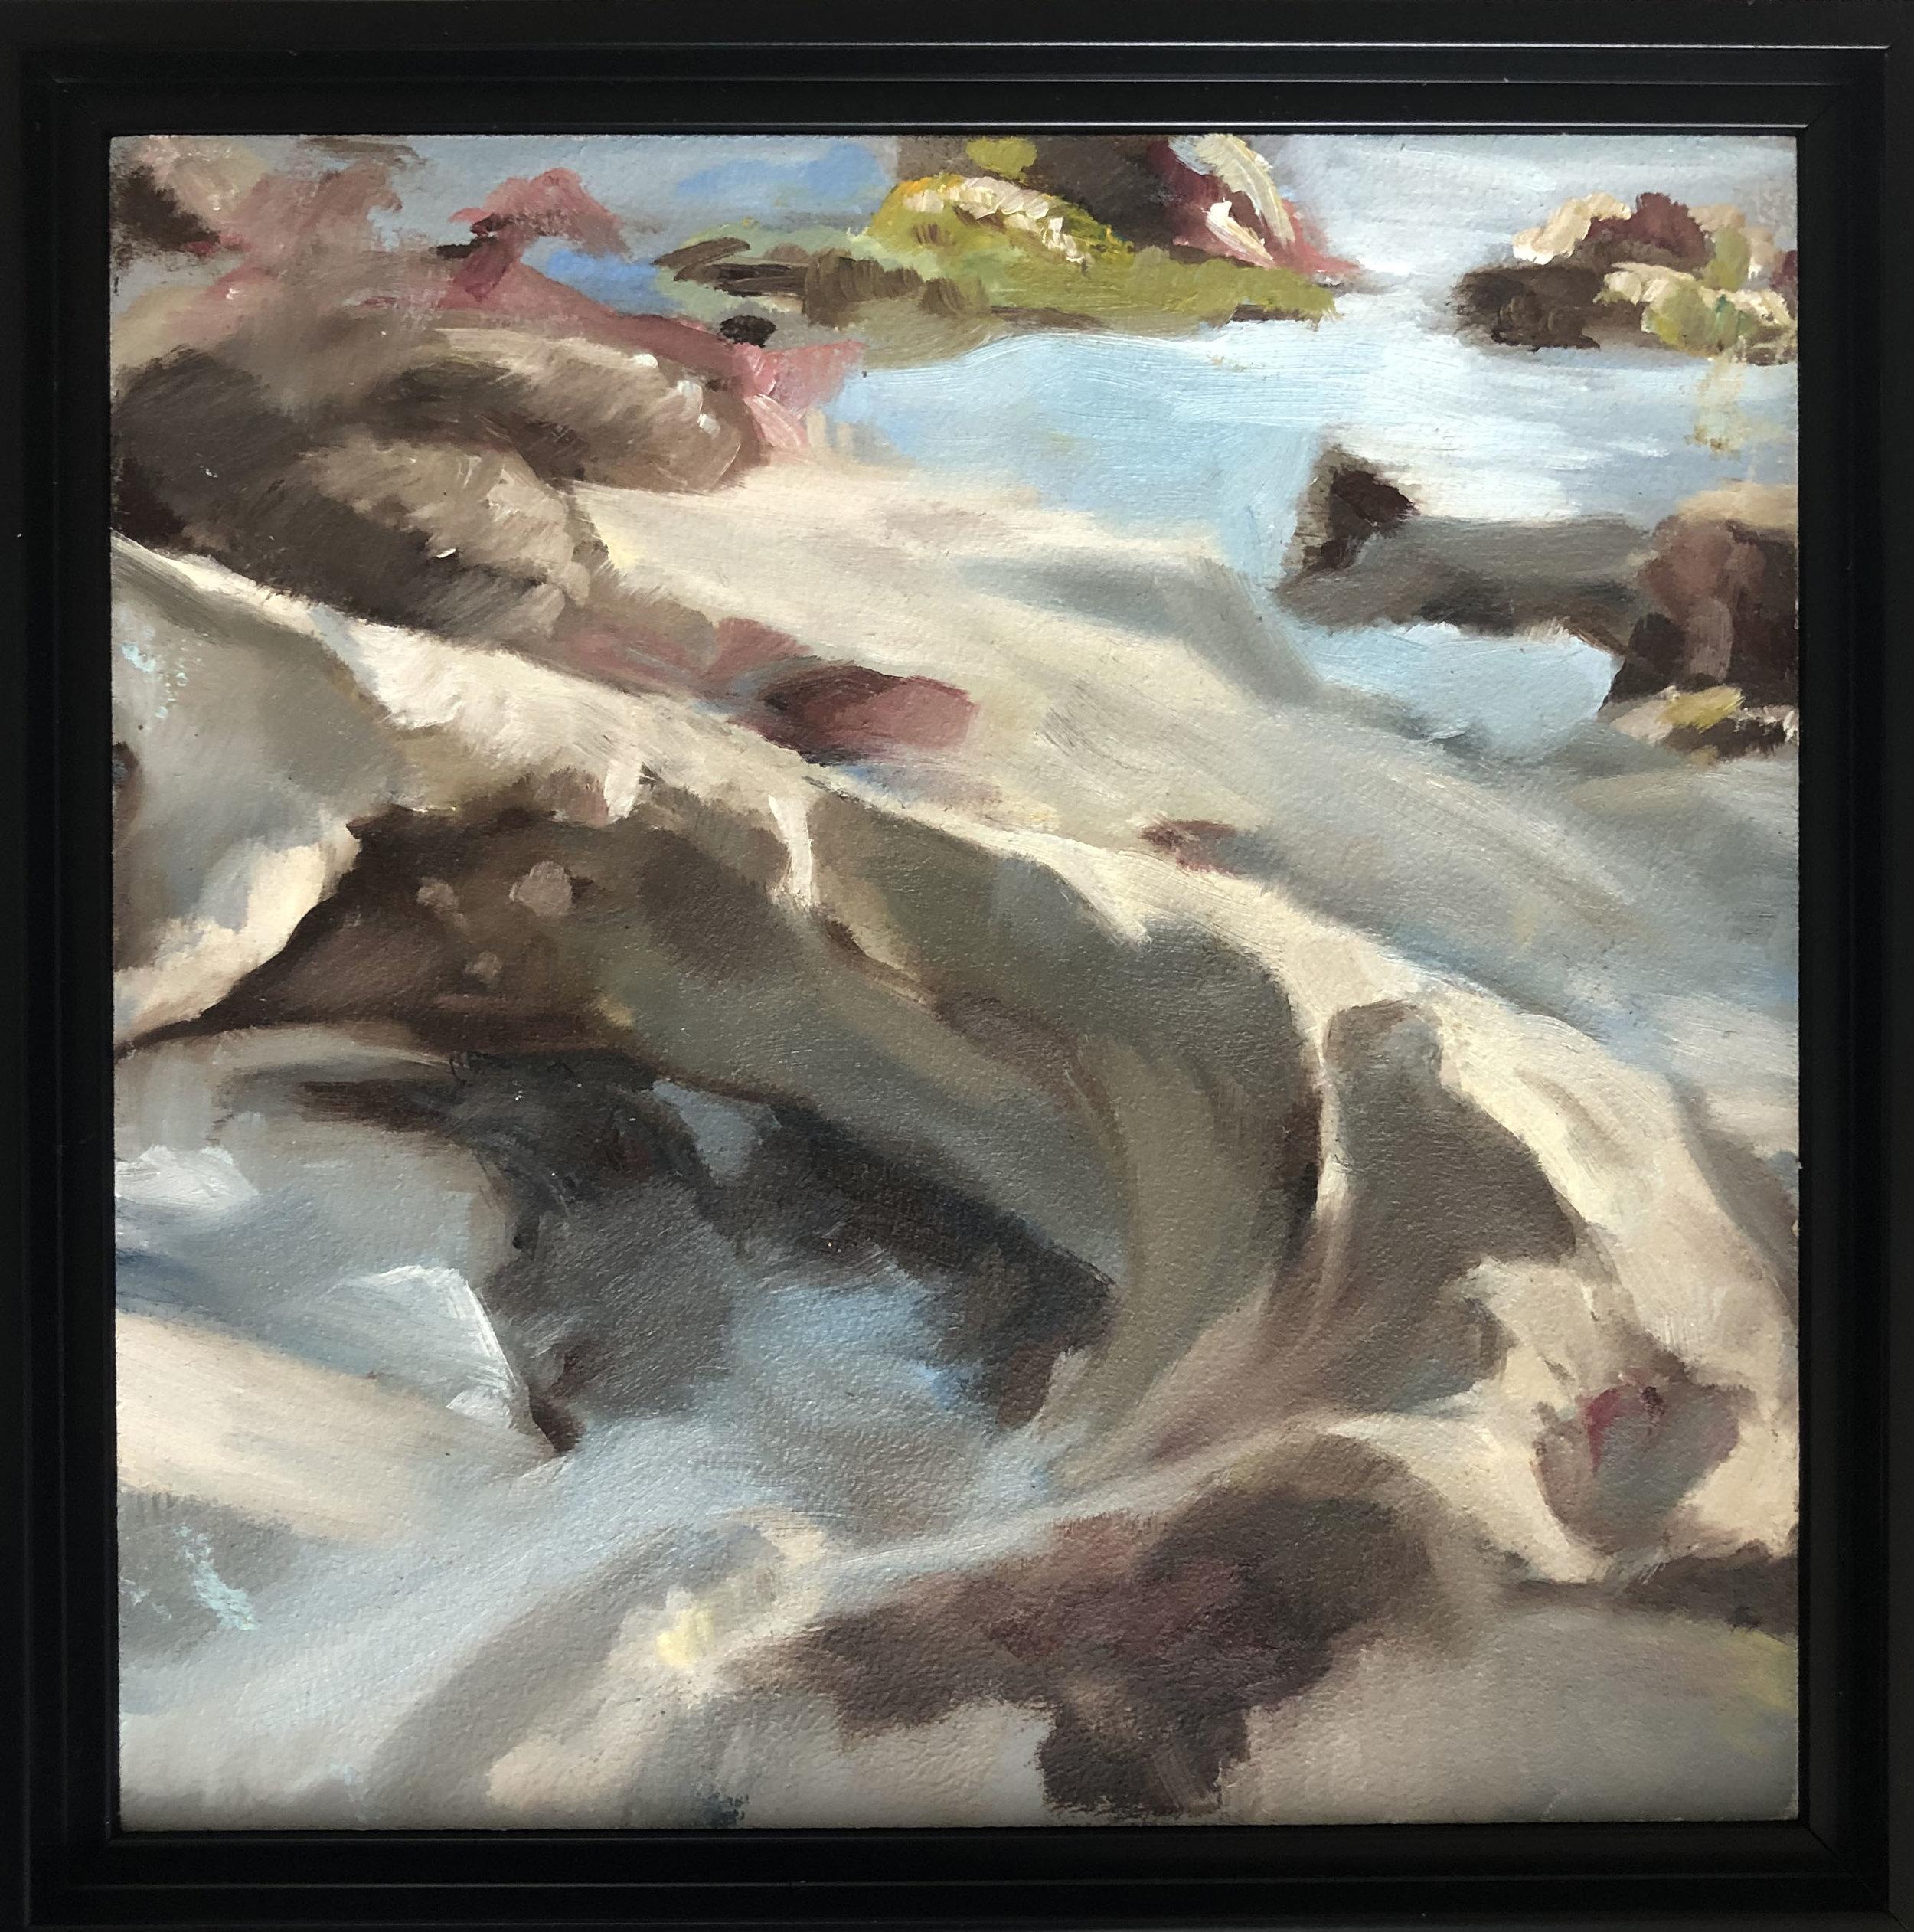 MicaelaAguirre-_Tide Pools_-Oil-8x8in-2018-$150.jpg